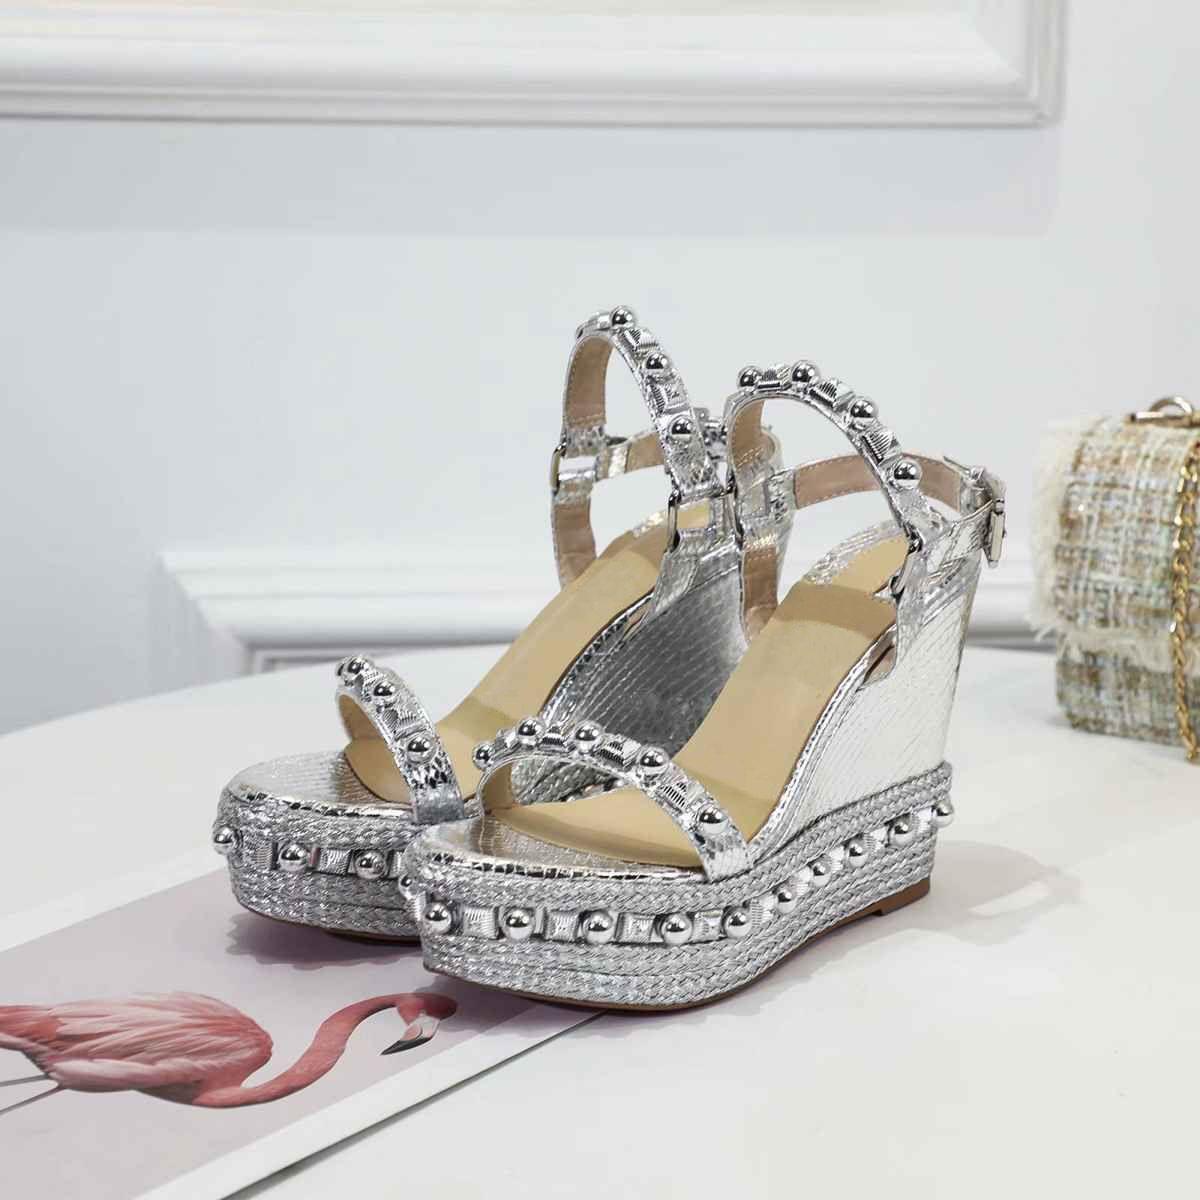 2021 Marque Femmes Pompes Chaussures de mariage Femme Haute High Heels Sandal Nu Fashion Bretelles Chaussures Chaussures Chaussures Sexy High Heels Chaussures de mariée avec boîte